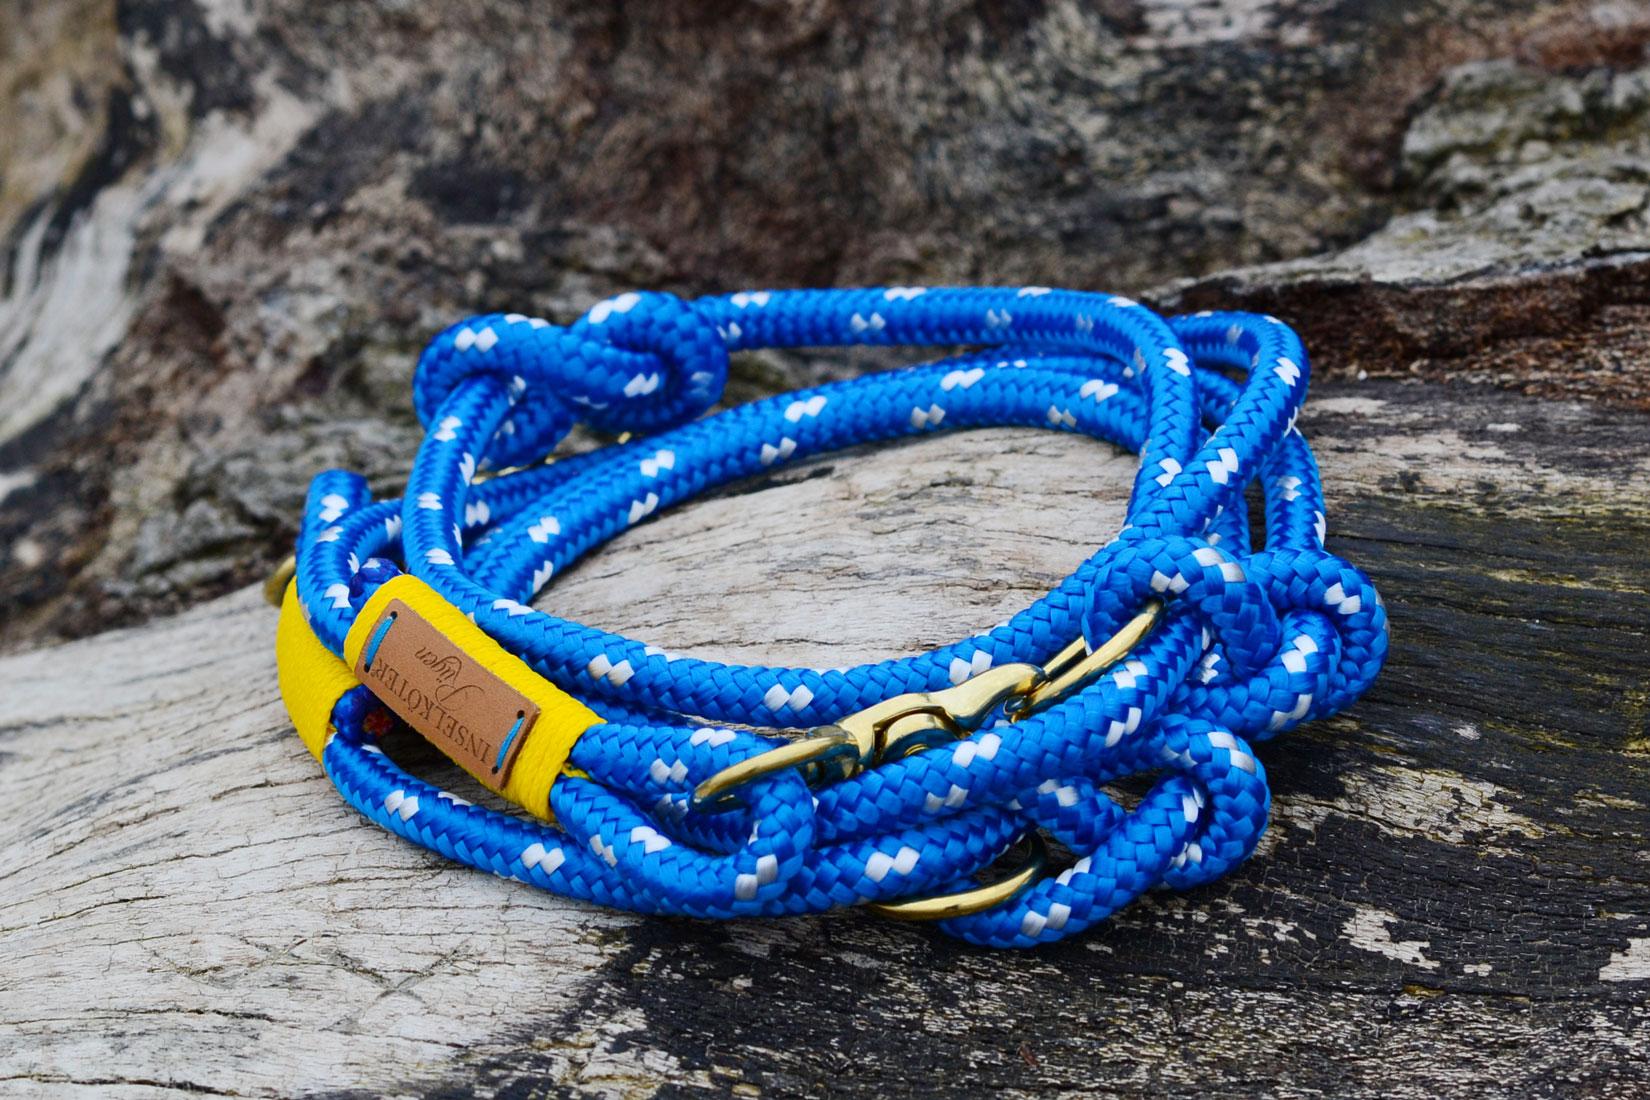 Maritime verstellbare Hundeleine in regatta blau weiss aus Tauwerk